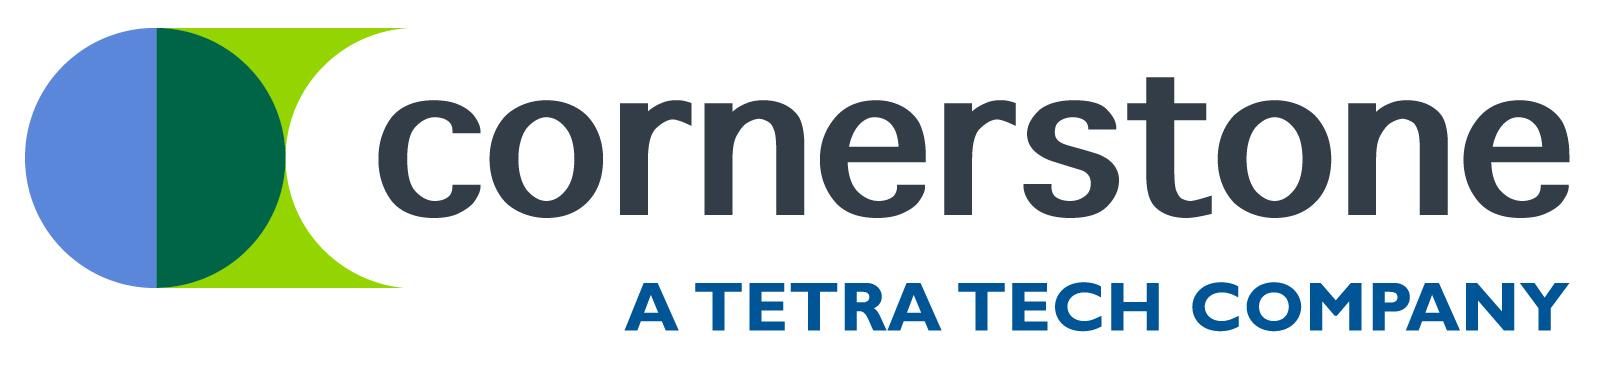 Cornerstone A Tetra Tech Company